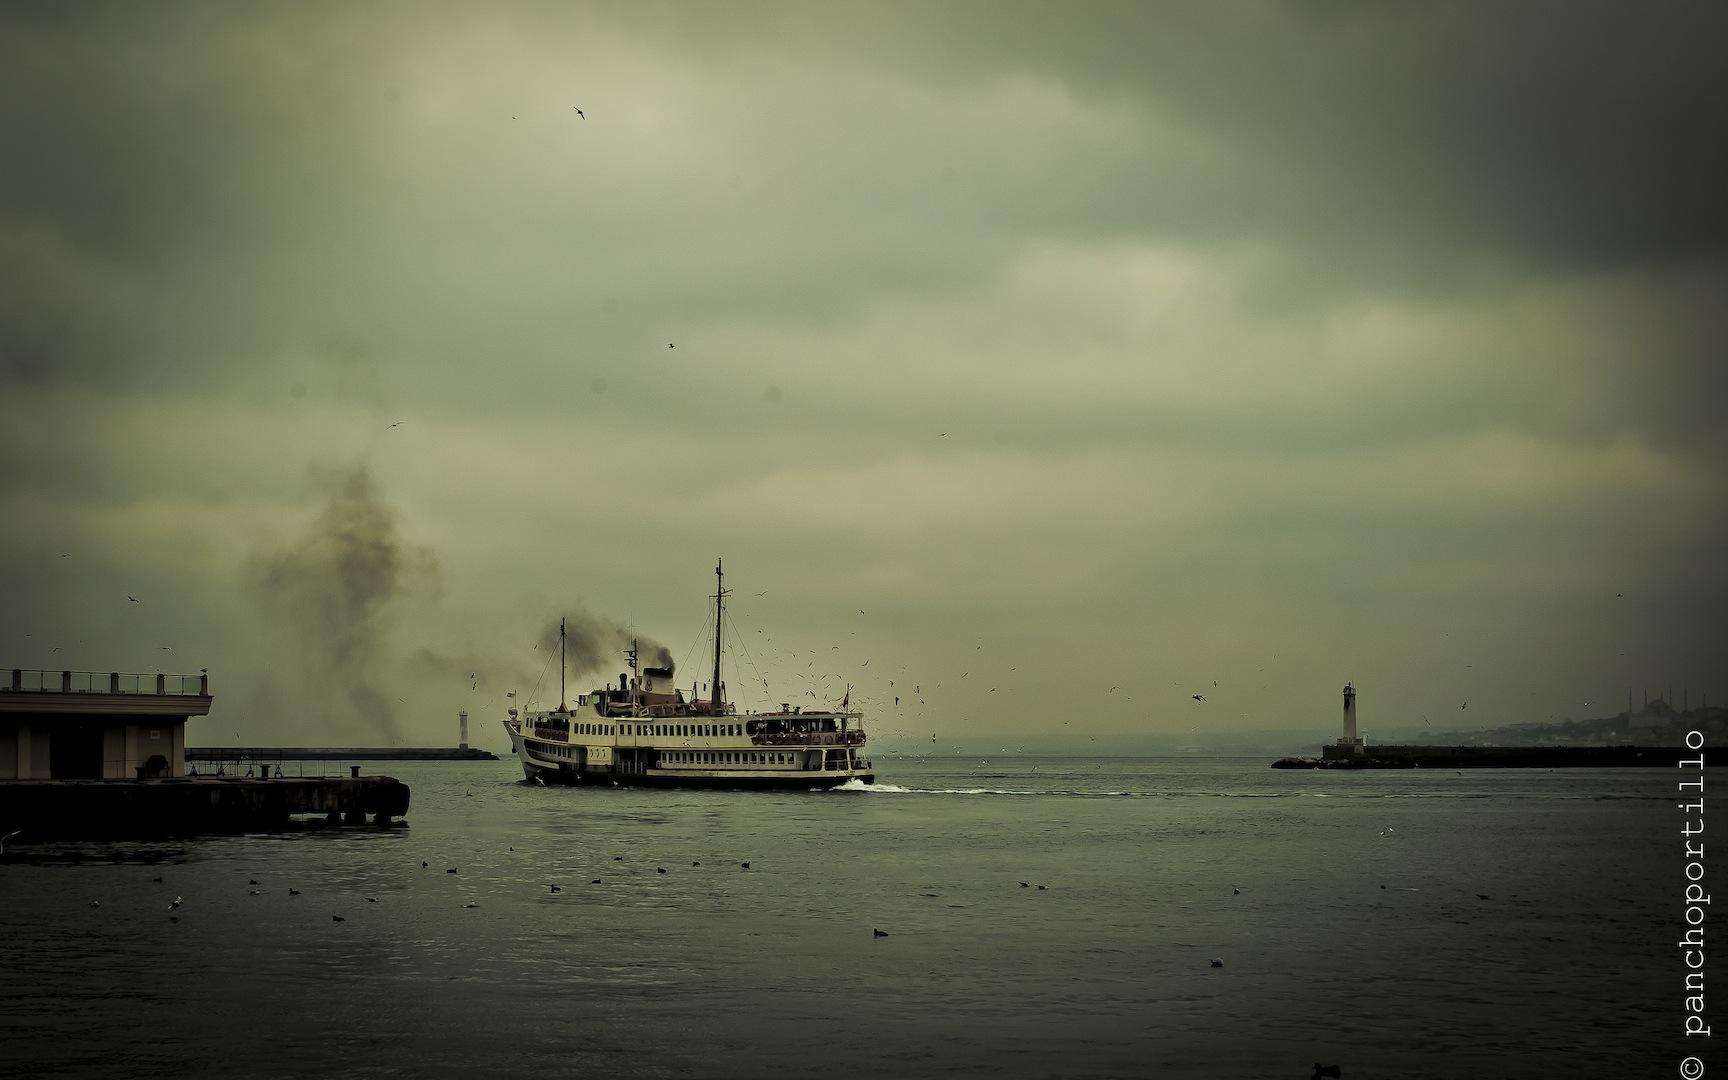 Istambul-11-L1063312